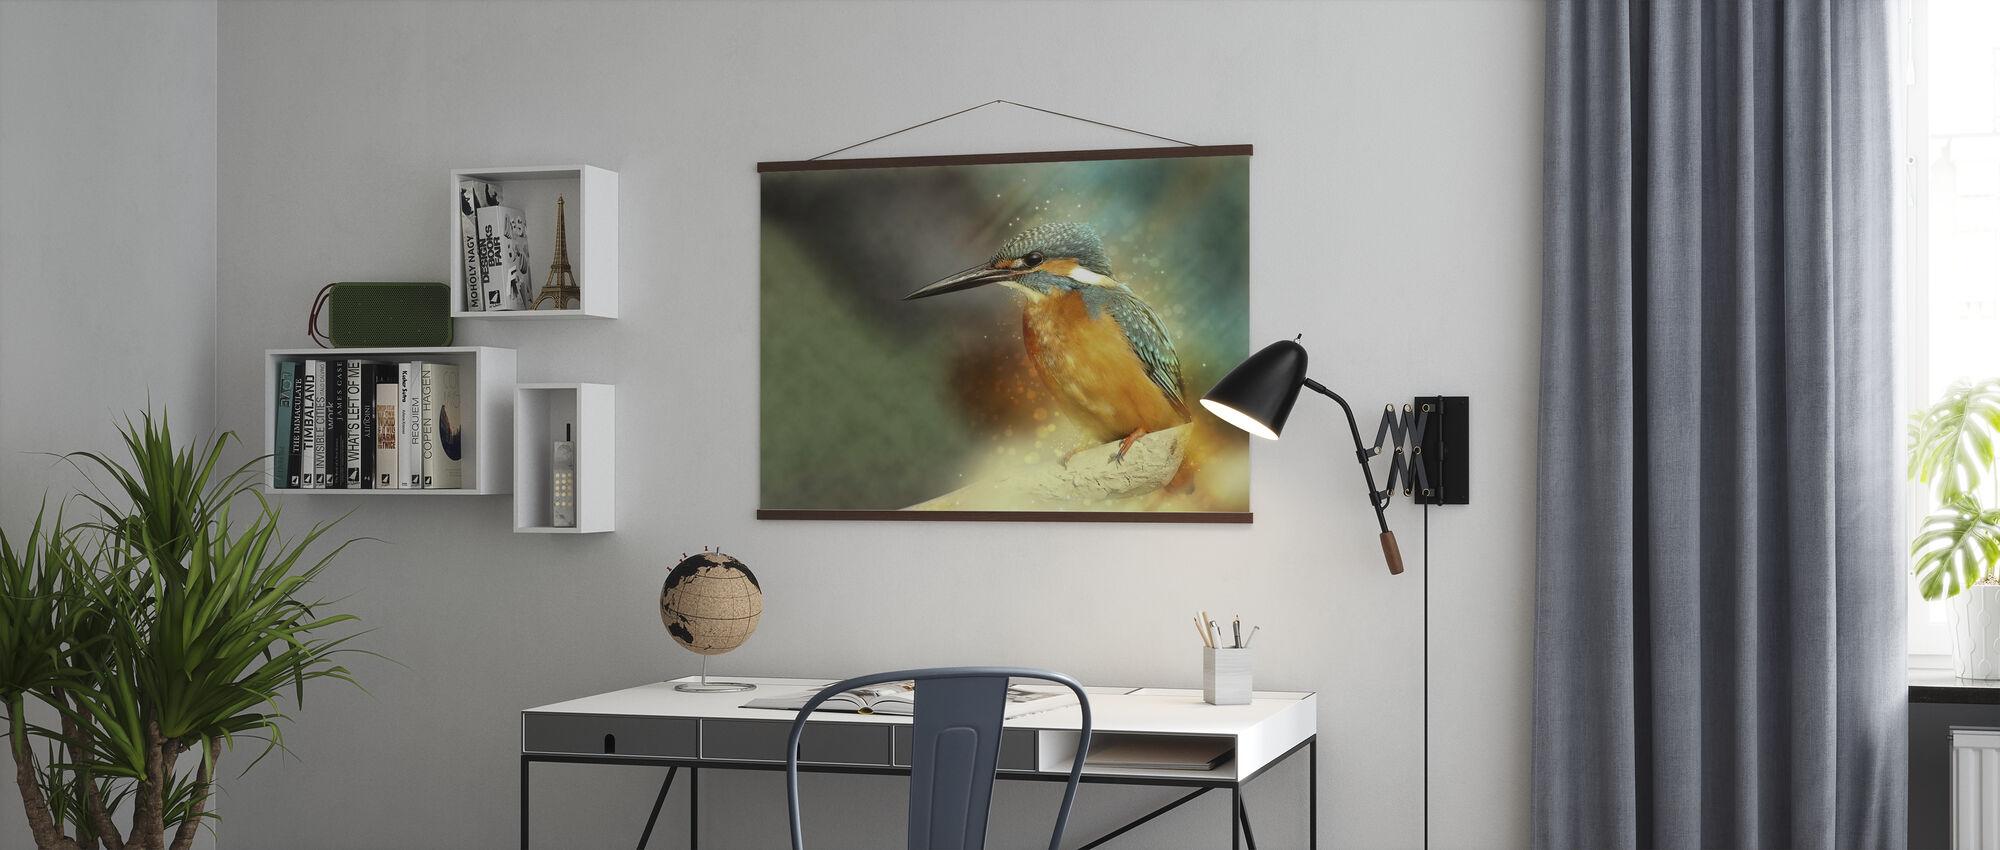 Kingfisher - Juliste - Toimisto